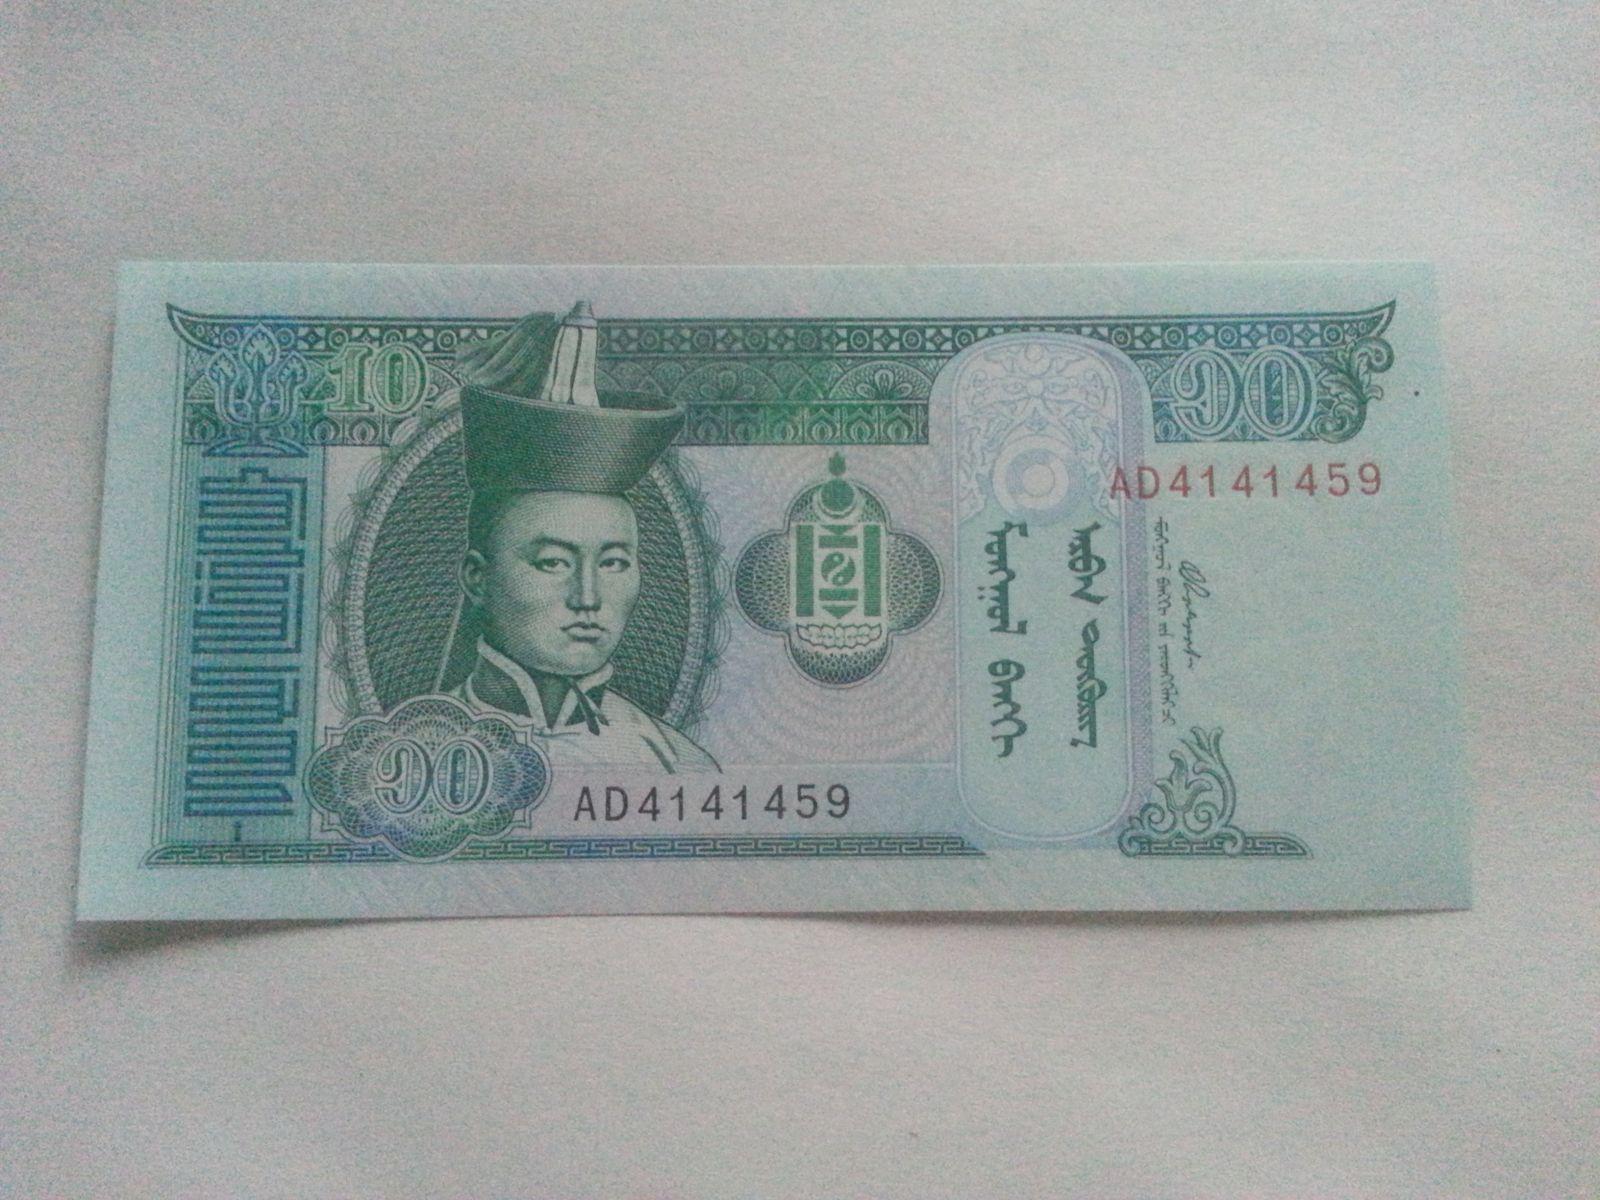 10 Tegreg, zelená, 2002, Mongolsko